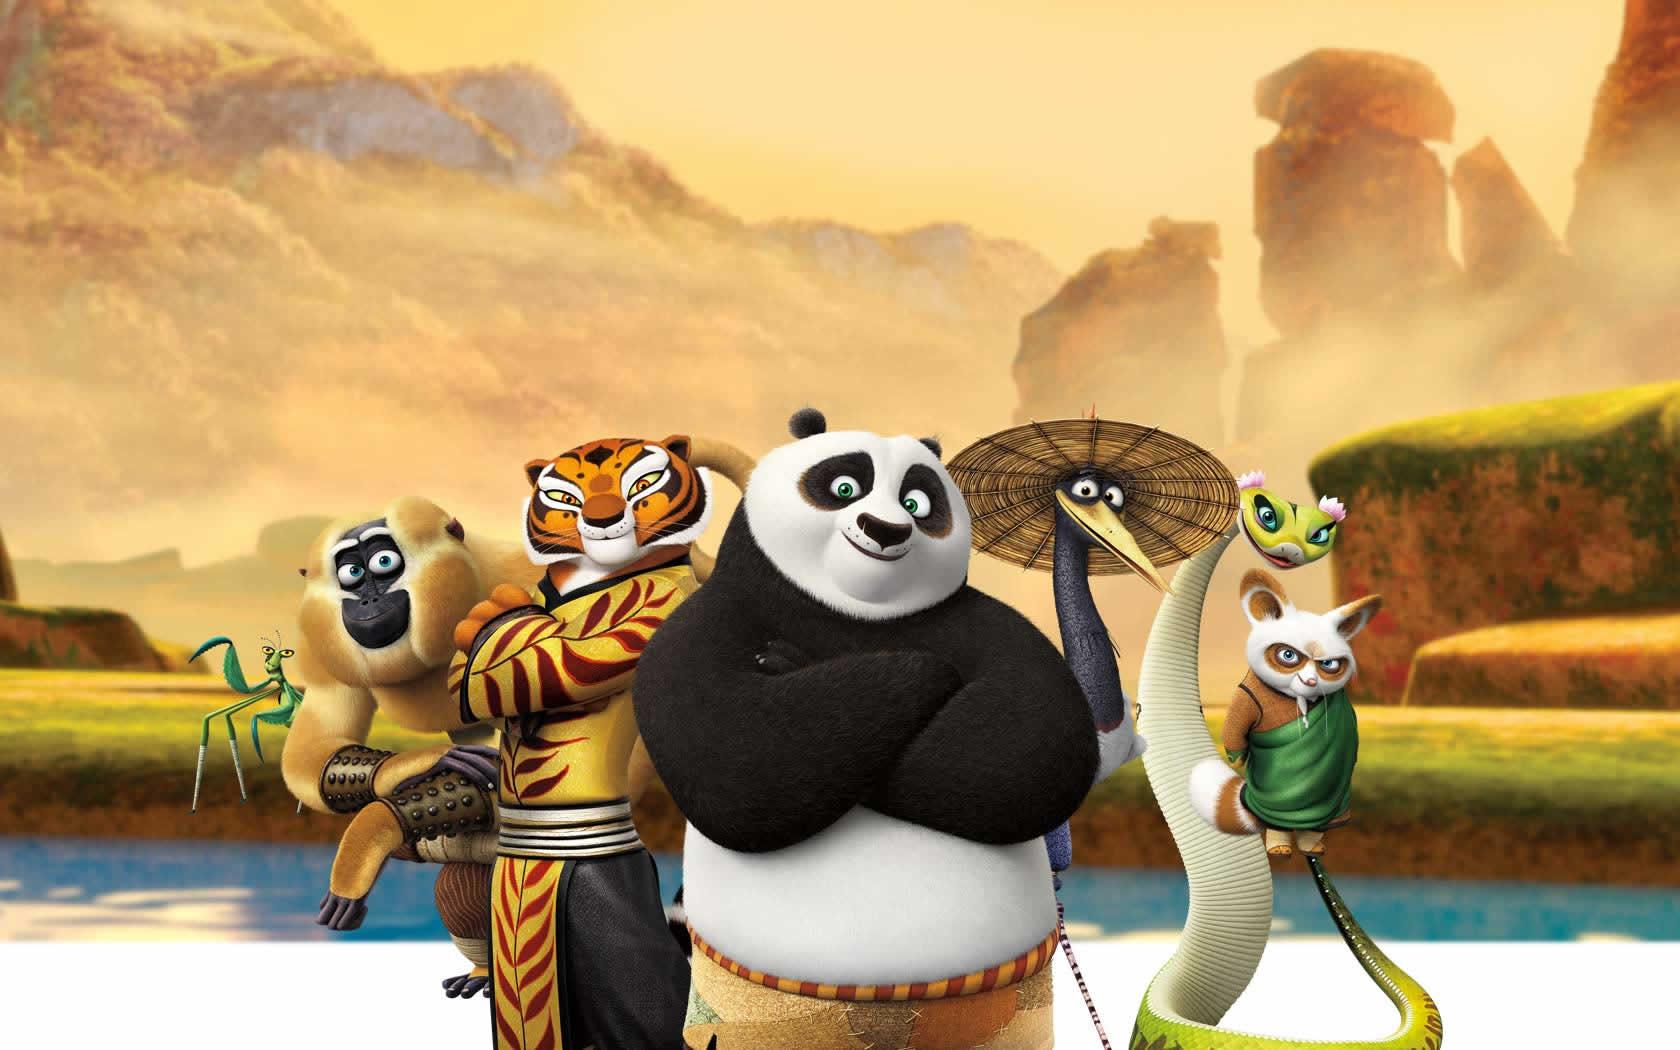 Cùng trở về tuổi thơ với những người bạn động vật hoạt hình đáng yêu 4